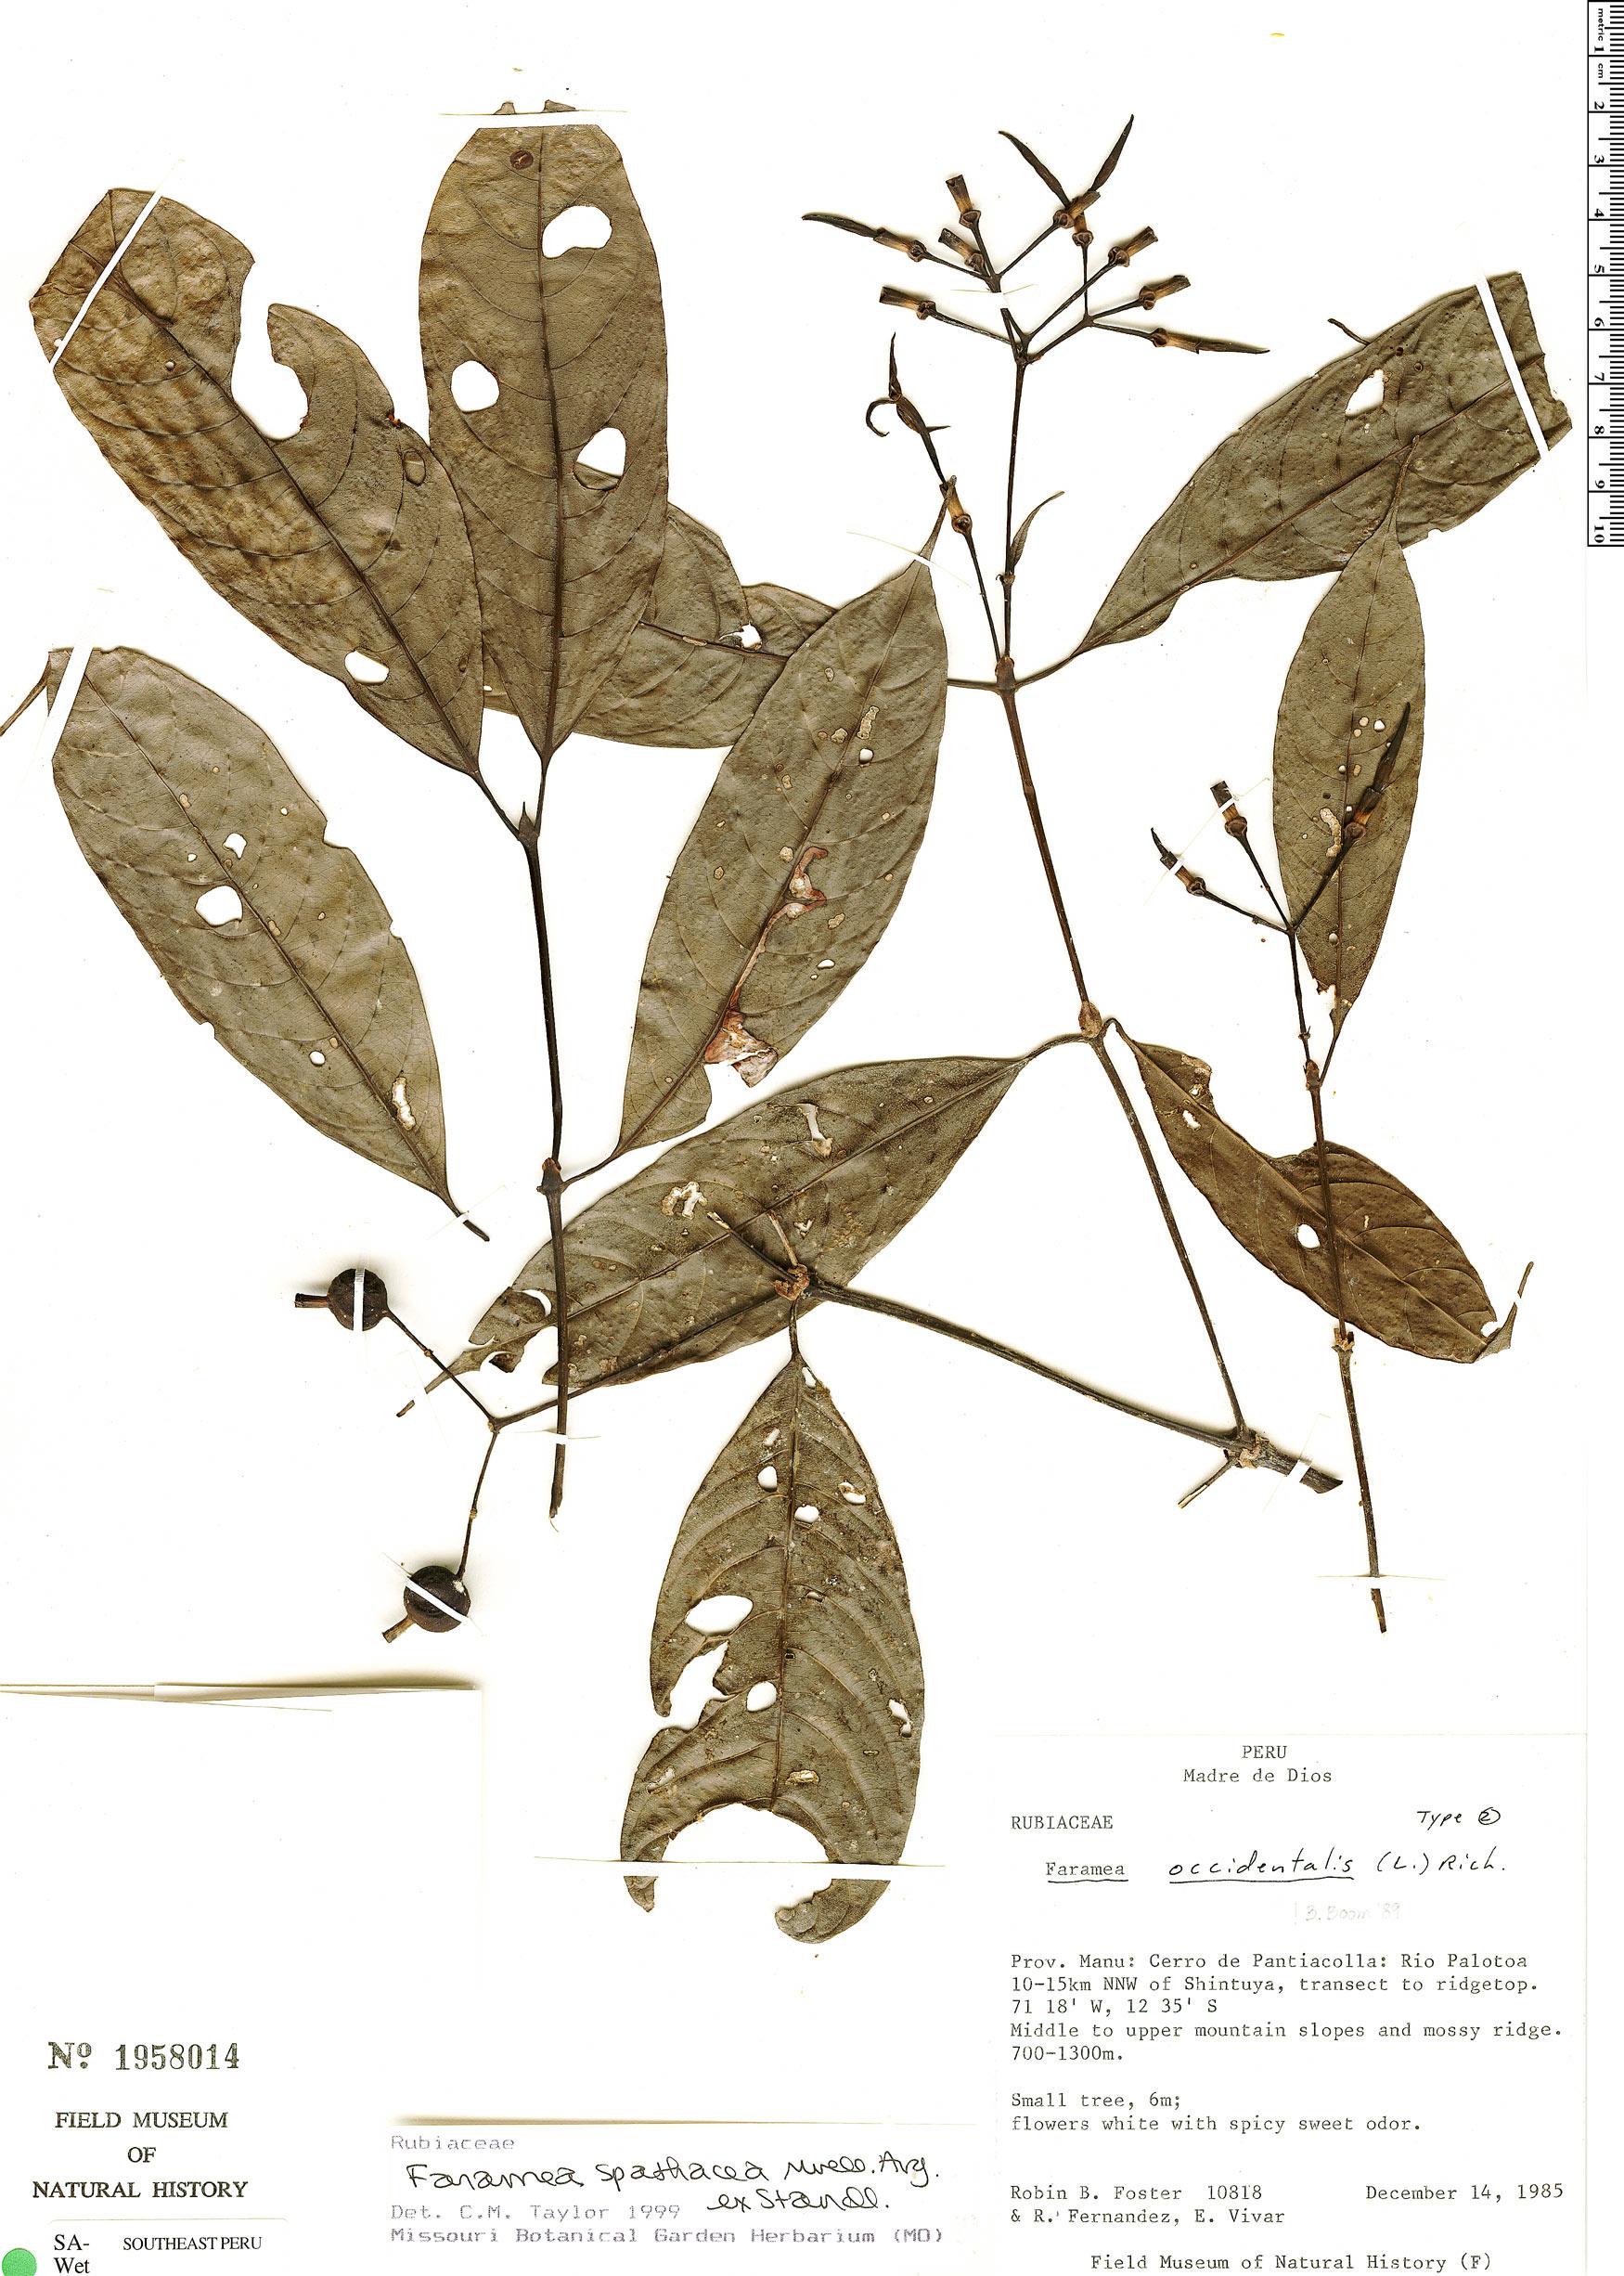 Specimen: Faramea spathacea